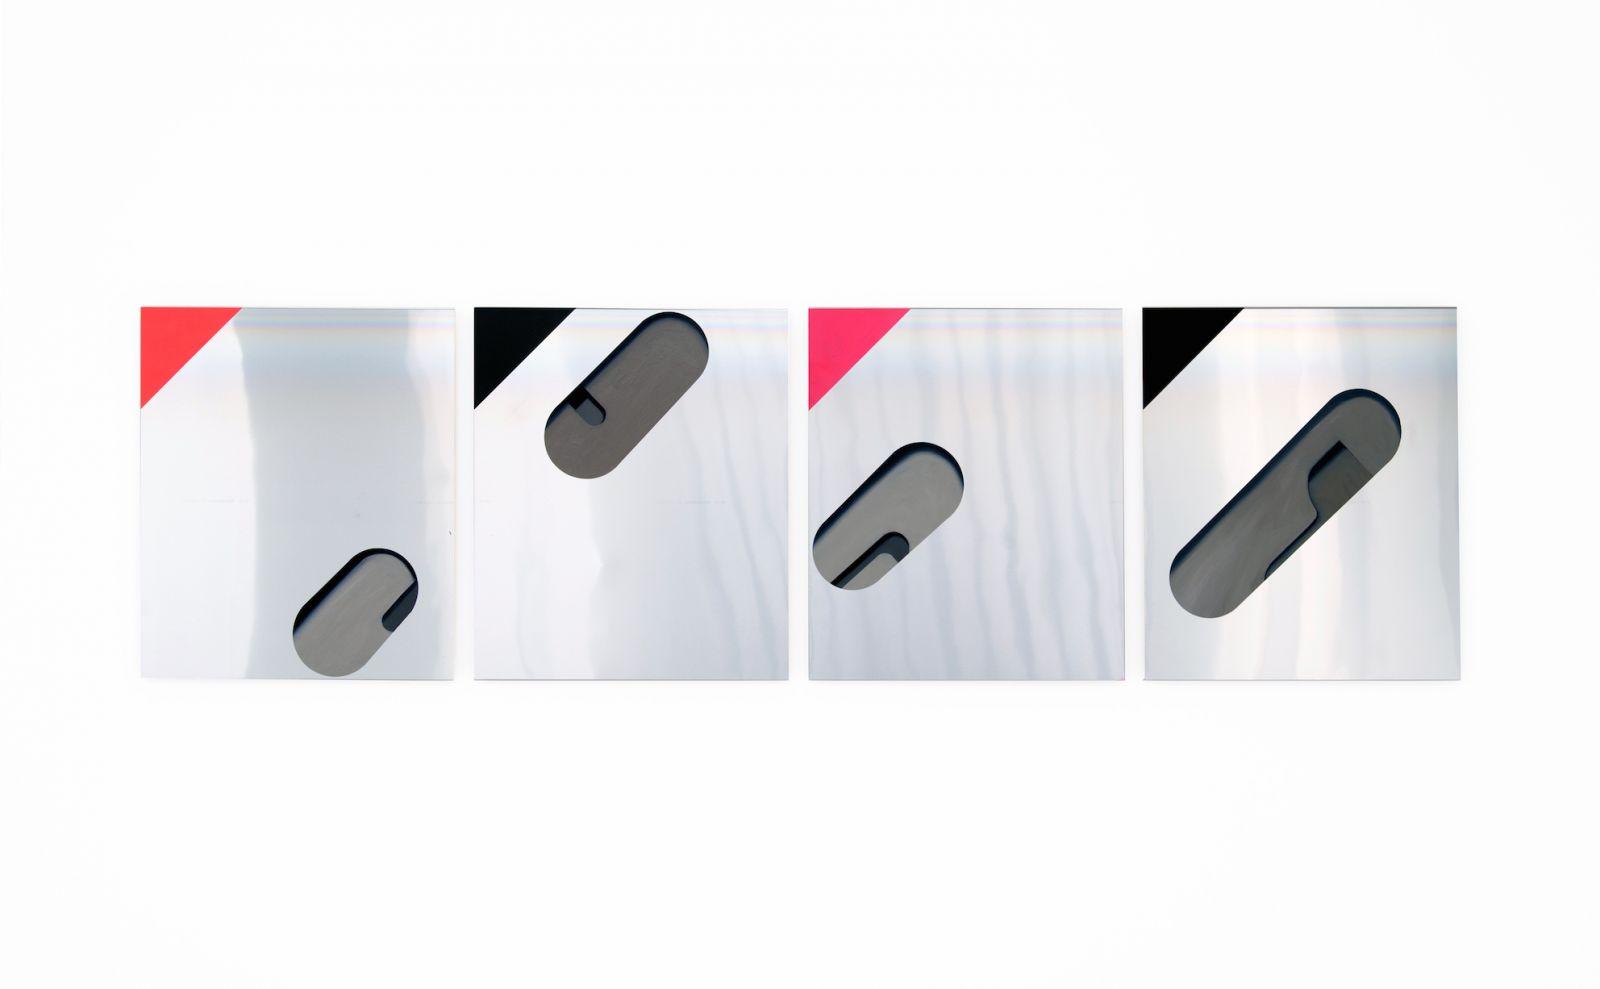 benoit-gehanne-serie-aluminium-tout-est-suspendu-2014-huile-et-acrylique-sur-aluminium-quadriptyque-55x230.5-cm-0319a096ab552540fdcac5b1072251e1